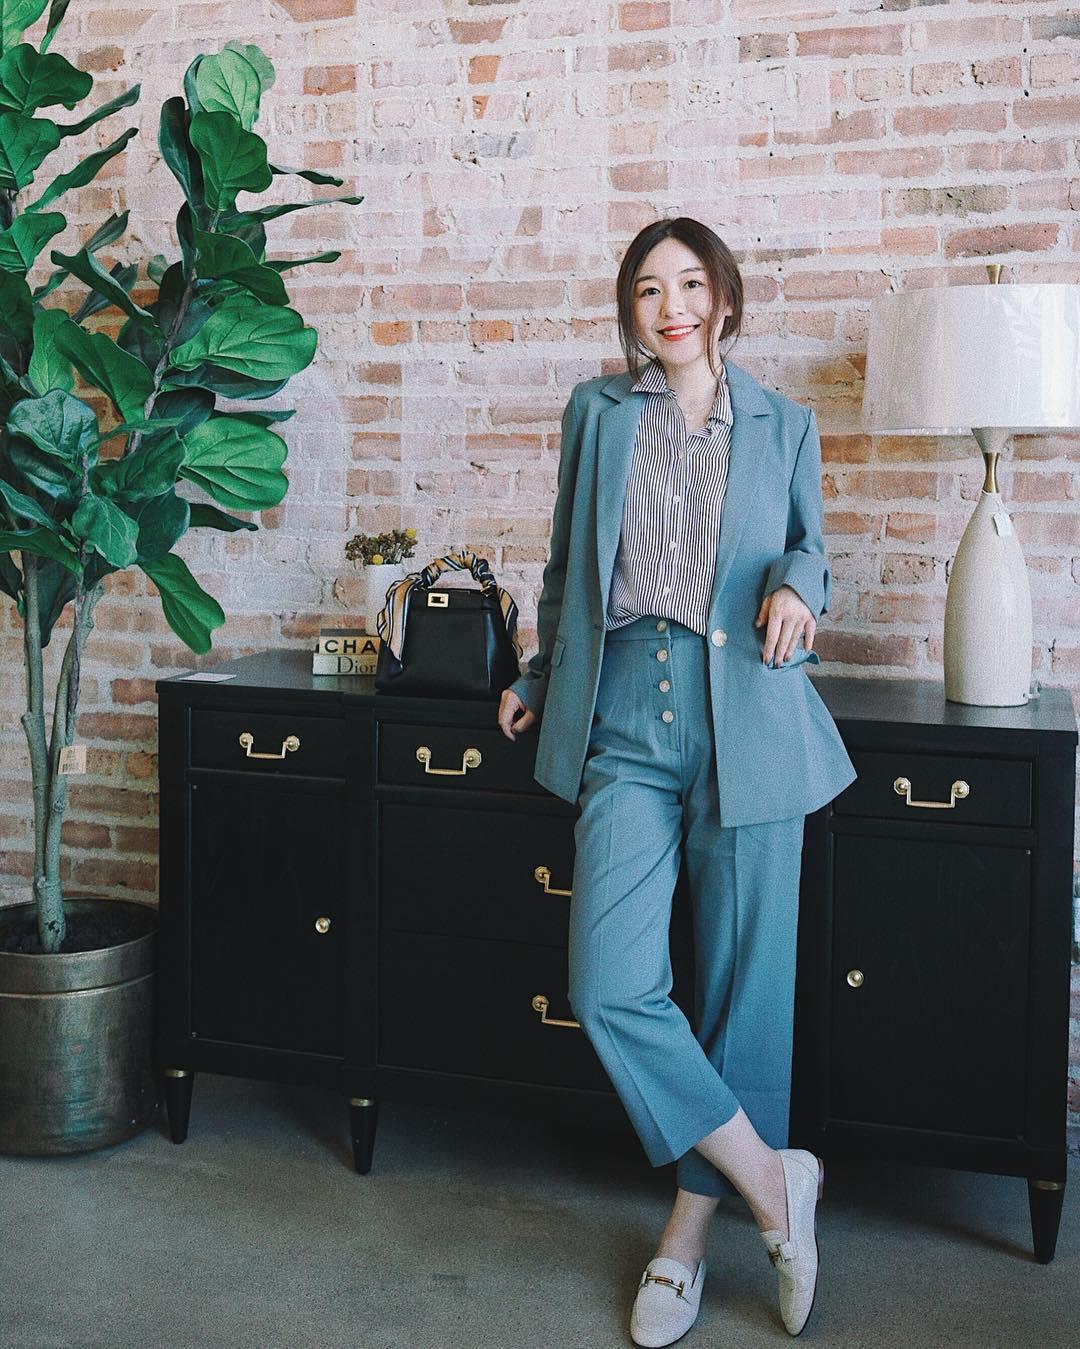 """Nếu thấy style công sở của mình hơi """"dừ"""" và cứng nhắc thì đây là 5 tips diện đồ giúp các nàng ăn gian tuổi đáng kể - Ảnh 8"""